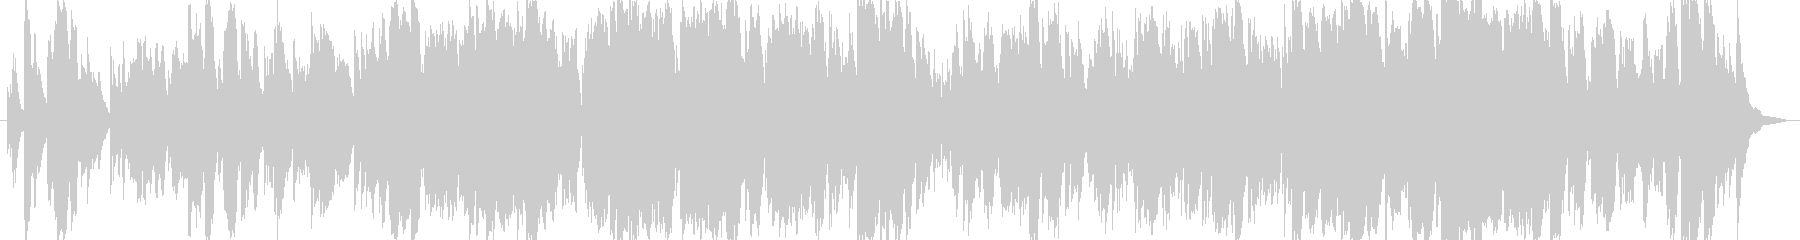 せつないピアノバラードです。の未再生の波形